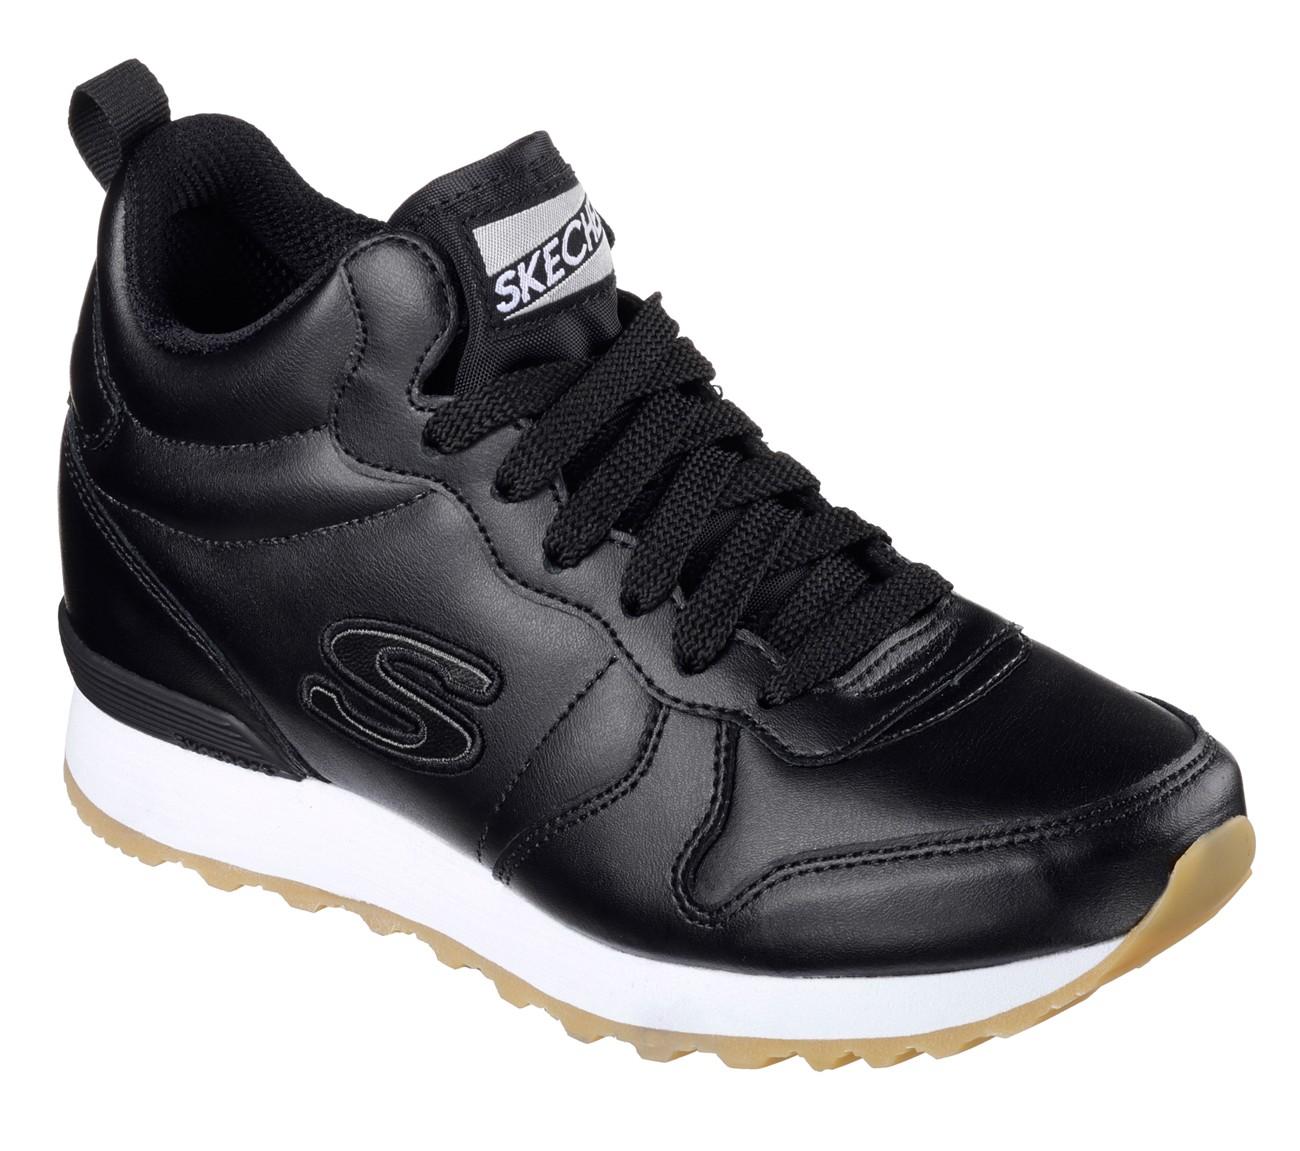 85 Og Sport Sneak Foam Latini Skechers Street Memory F4xw57Sqg